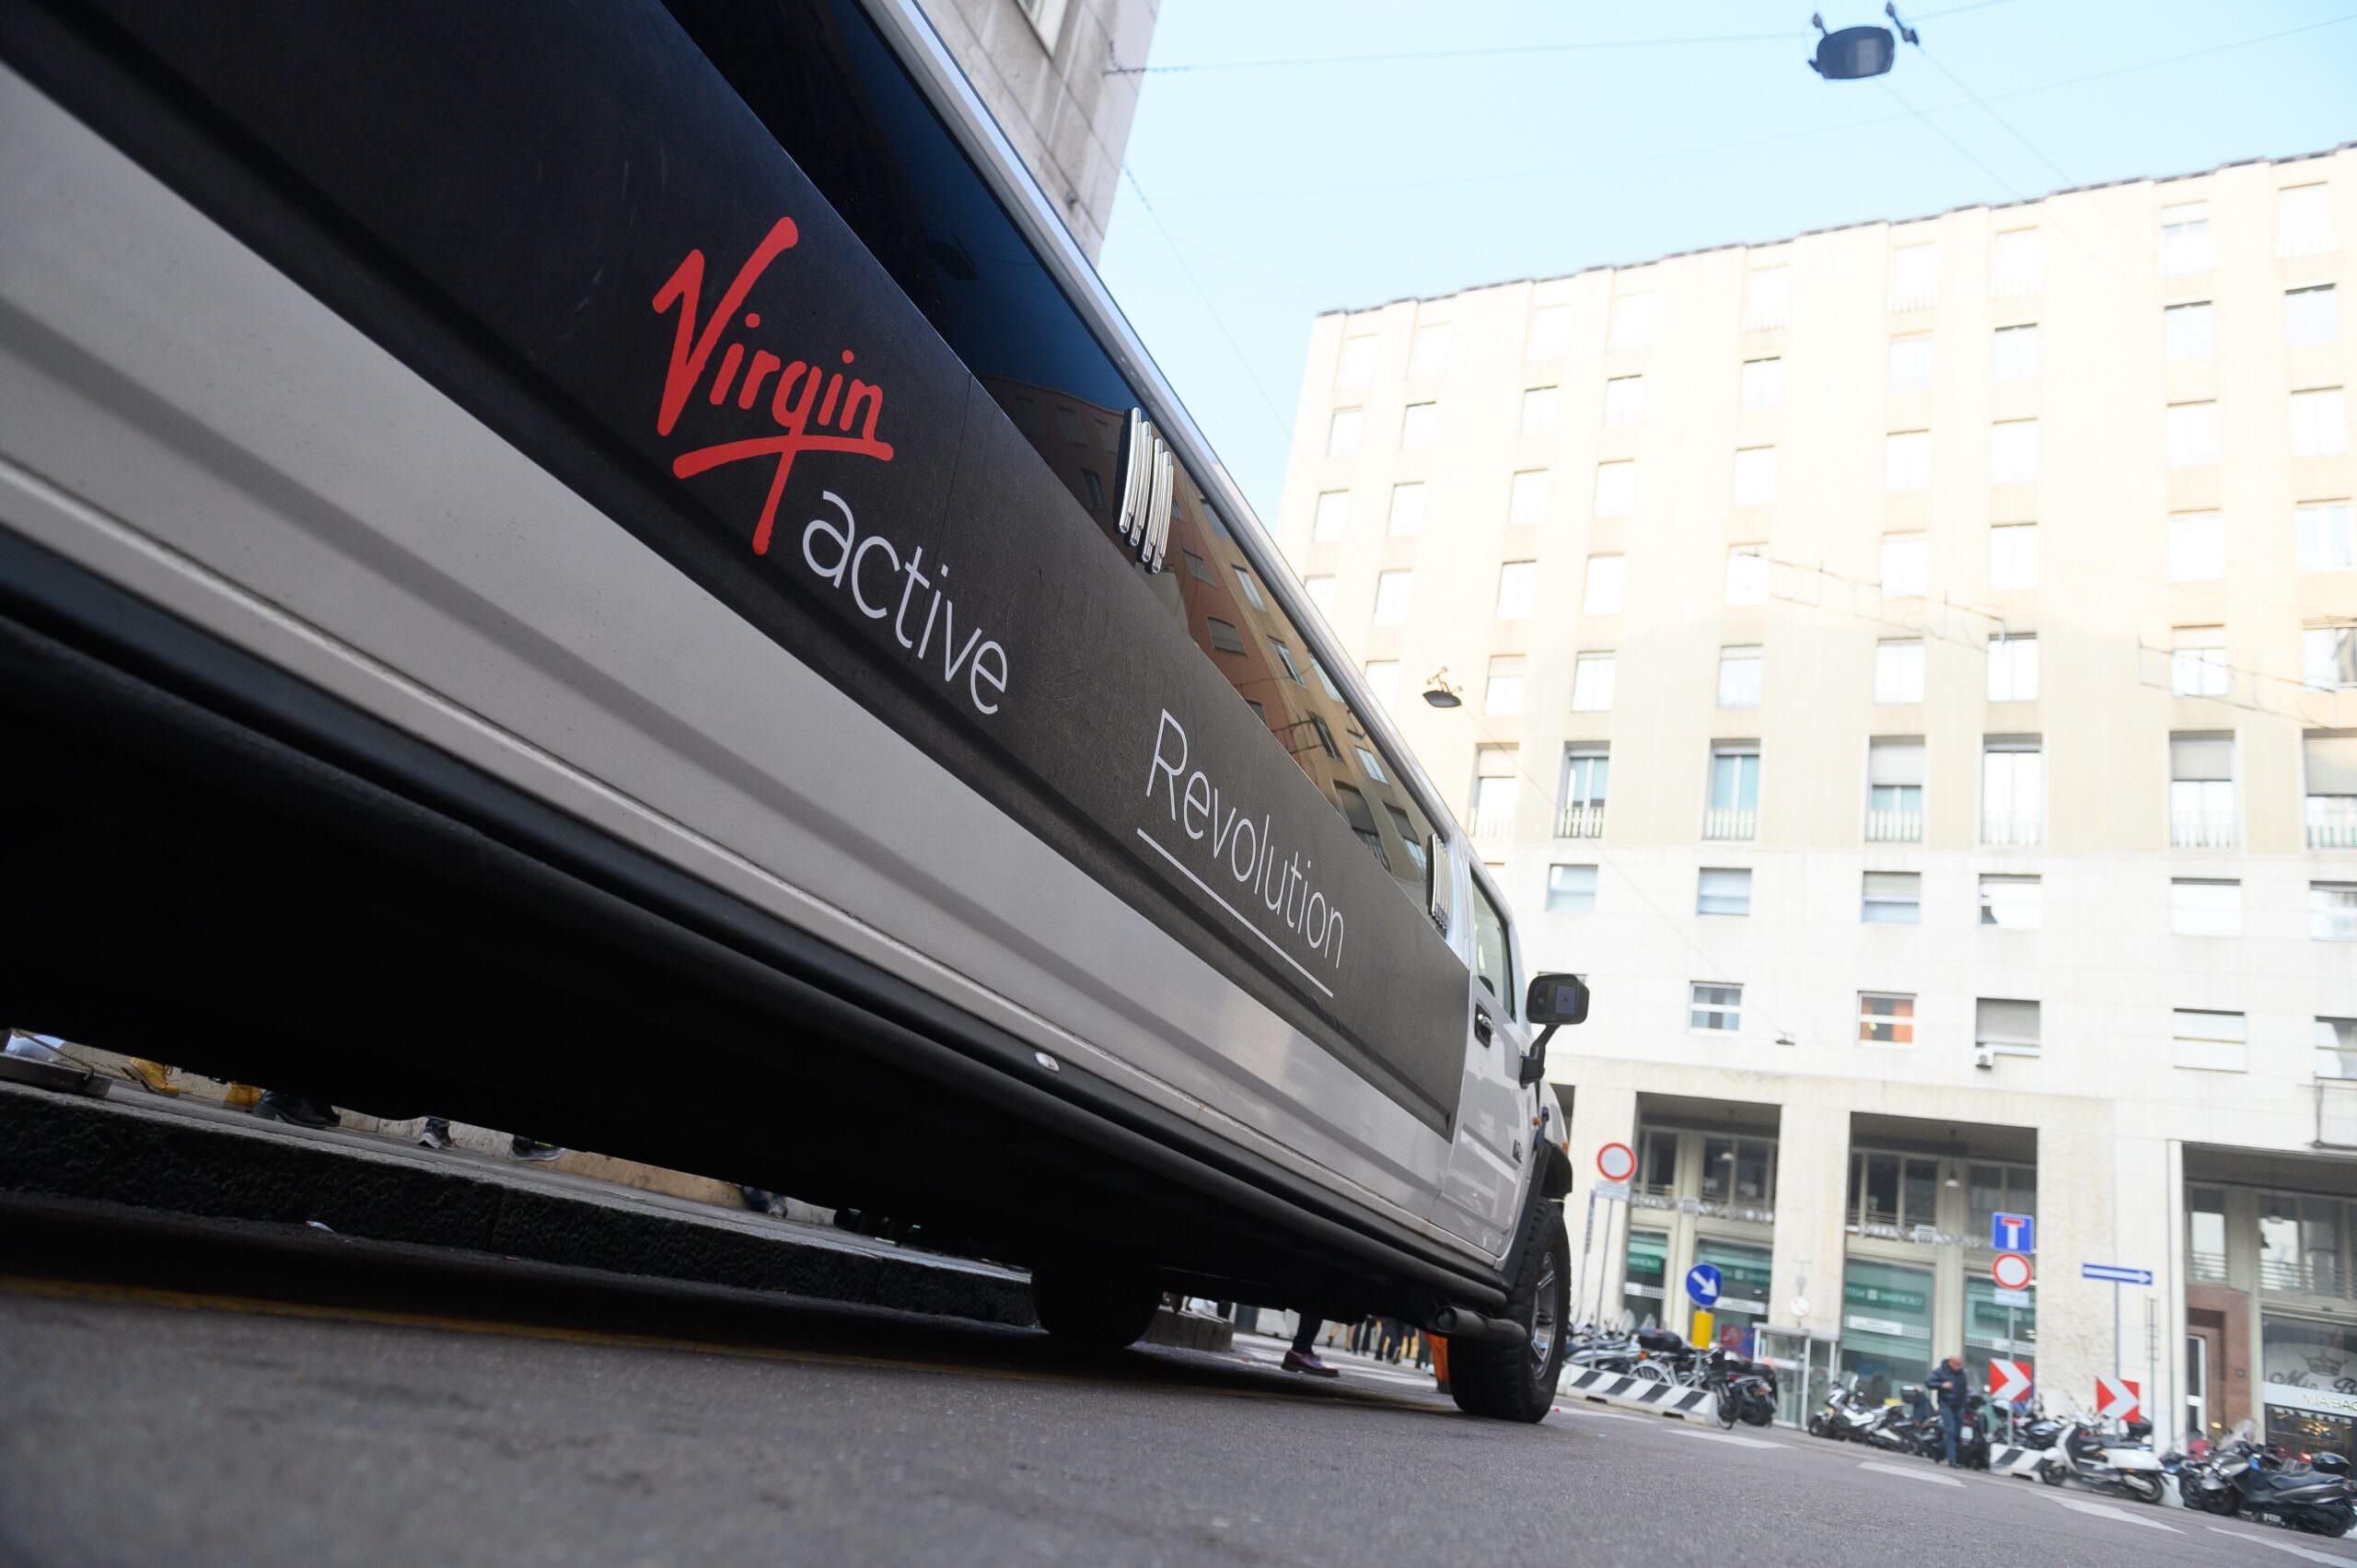 virgin-active-revolution-gruppo-peroni-eventi-00